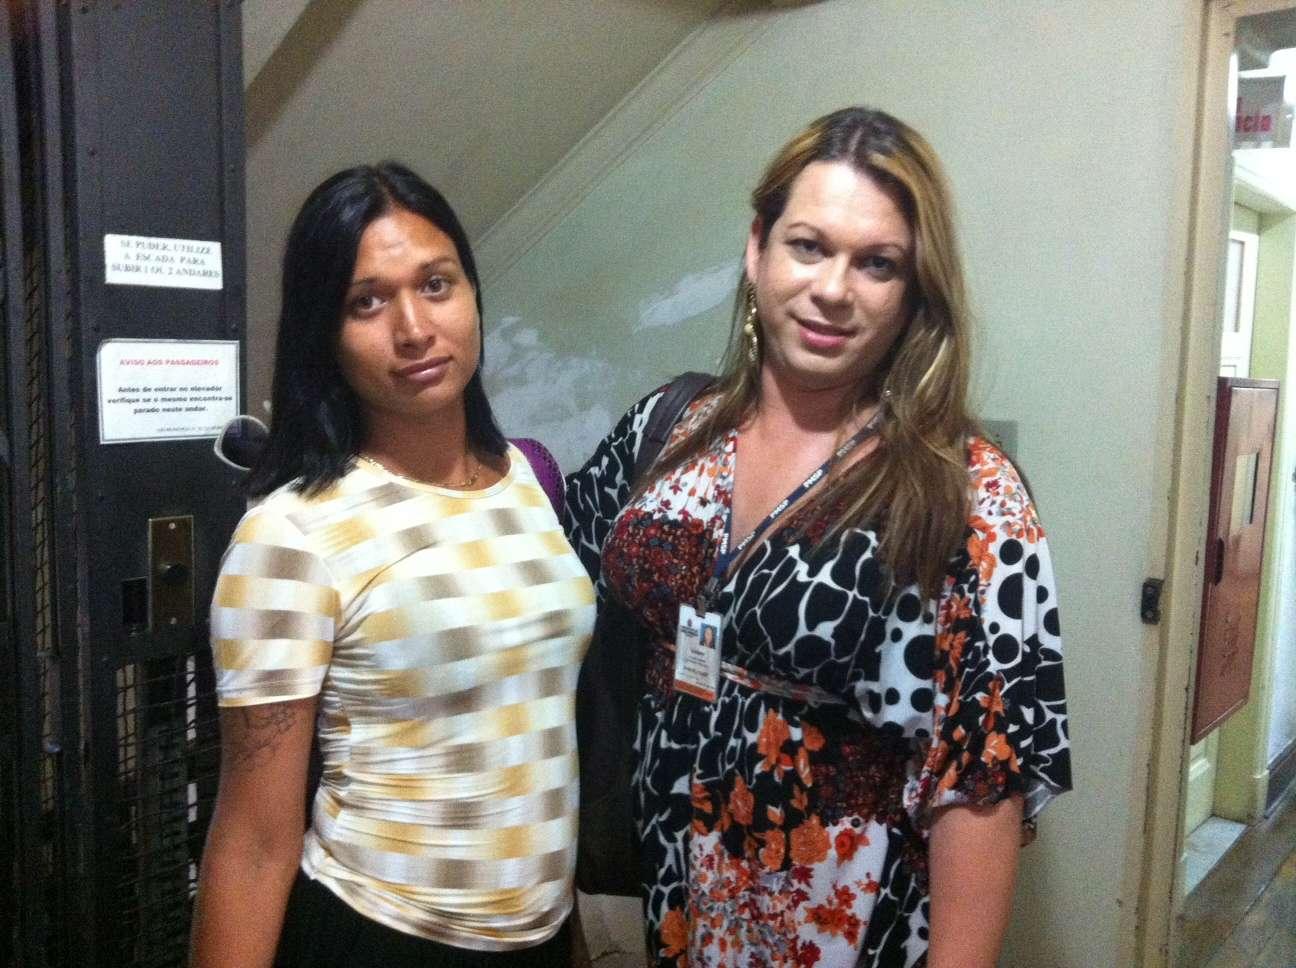 Aluna do Transcidadania, prostituta sonha em ser enfermeira Foto: Elisa Feres/Terra